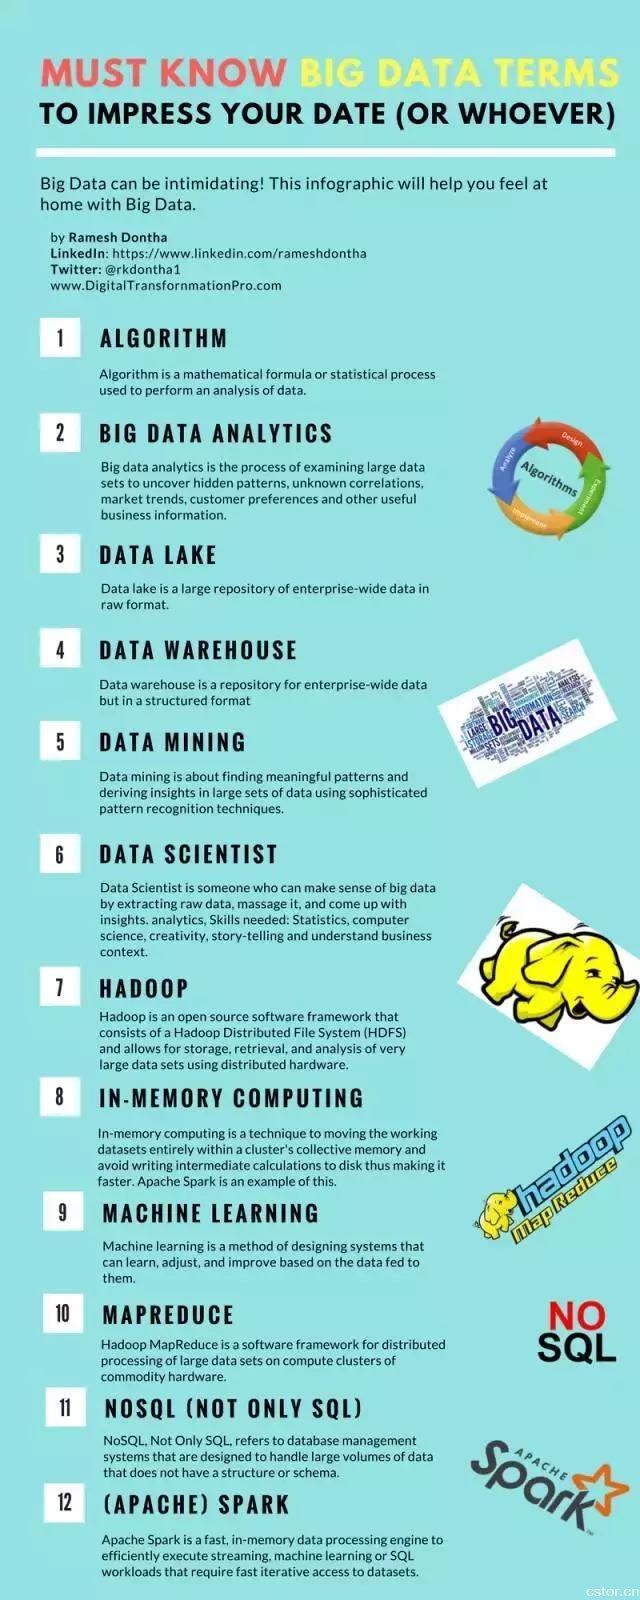 大数据行业必须掌握的25个大数据术语